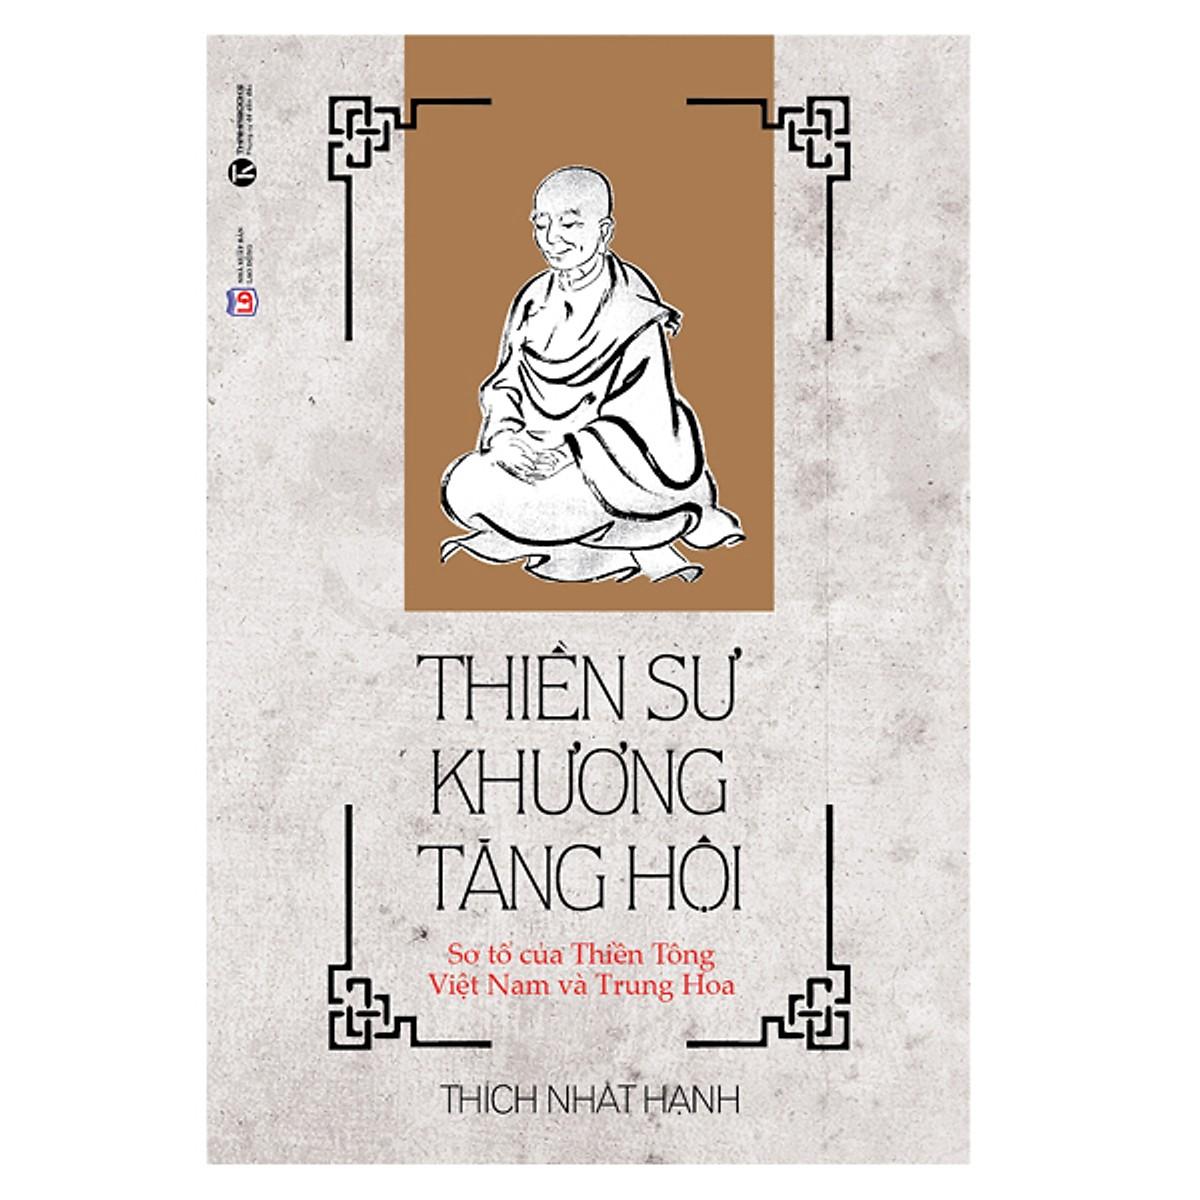 Thiền sư Khương Tăng Hội - Thiền sư Thích Nhất Hạnh